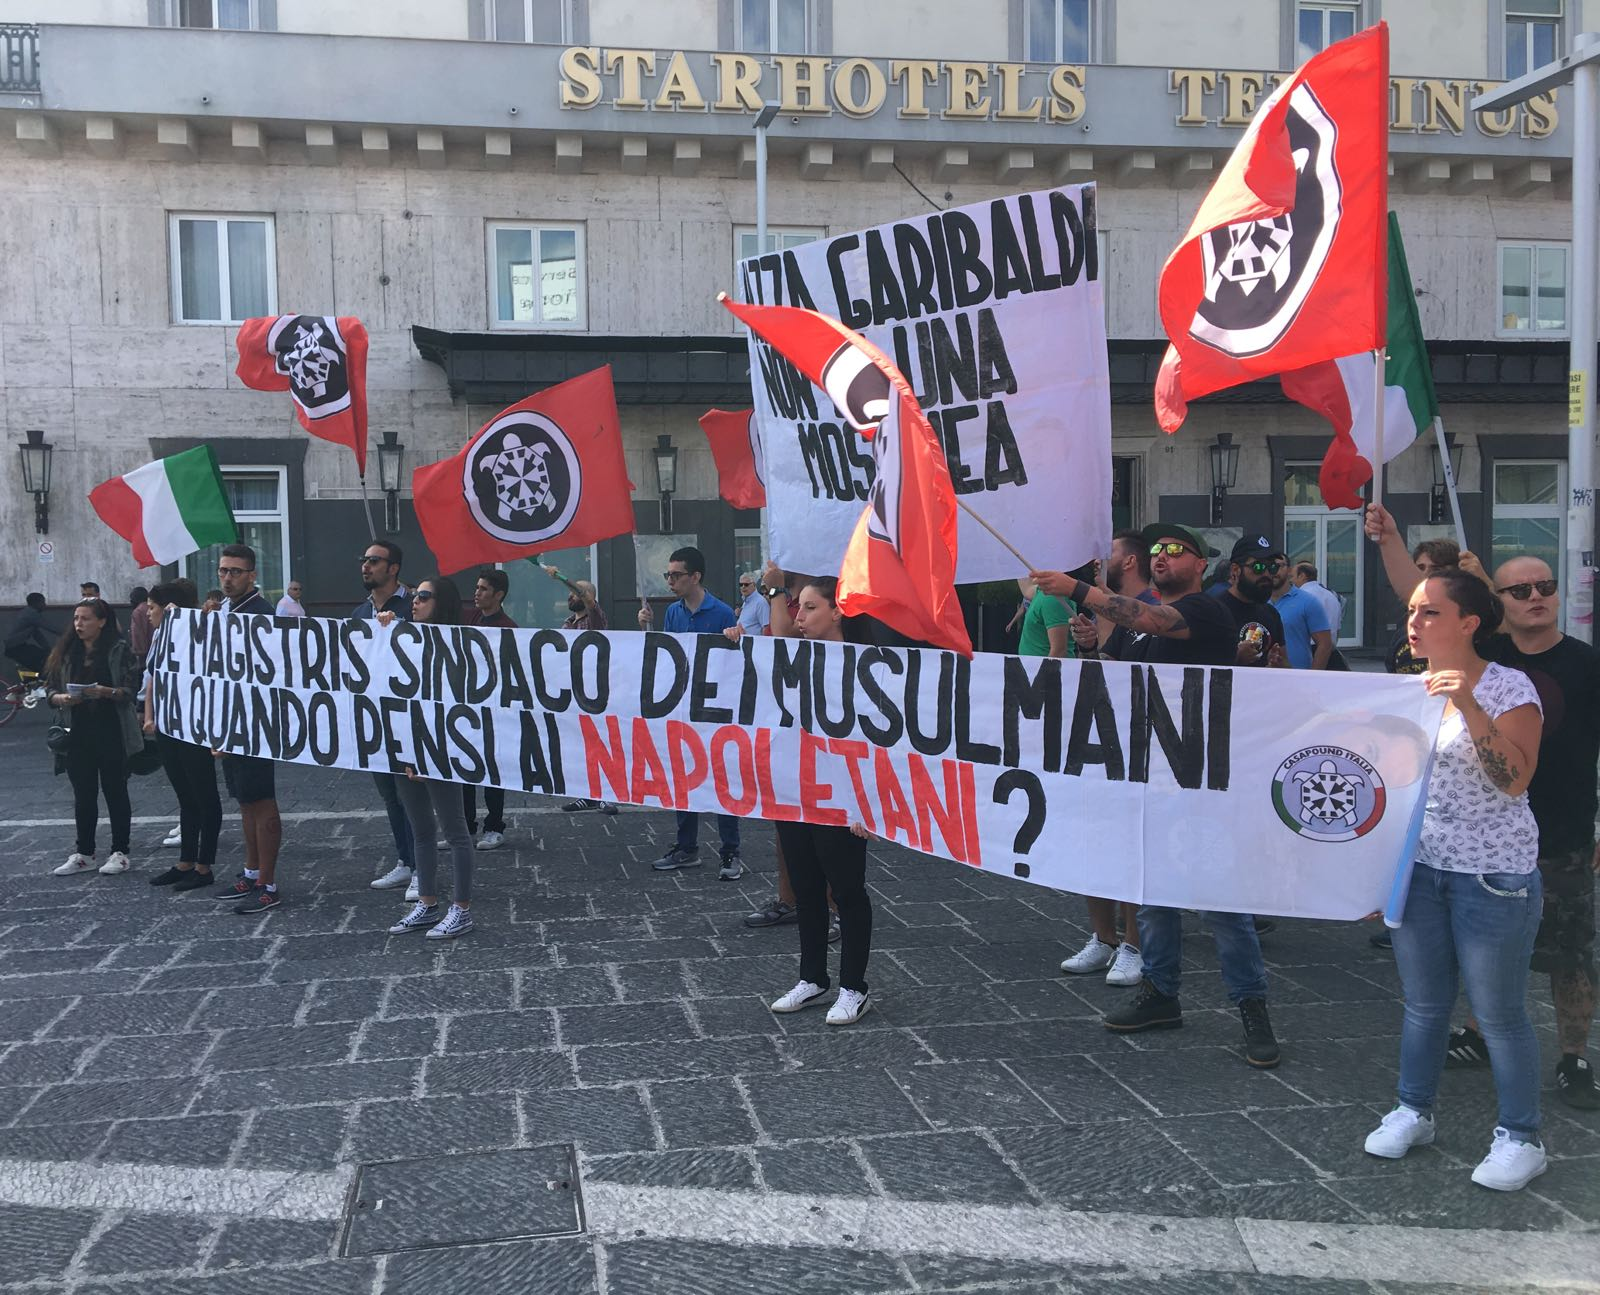 Napoli, neofascisti in piazza contro De Magistris e i migranti